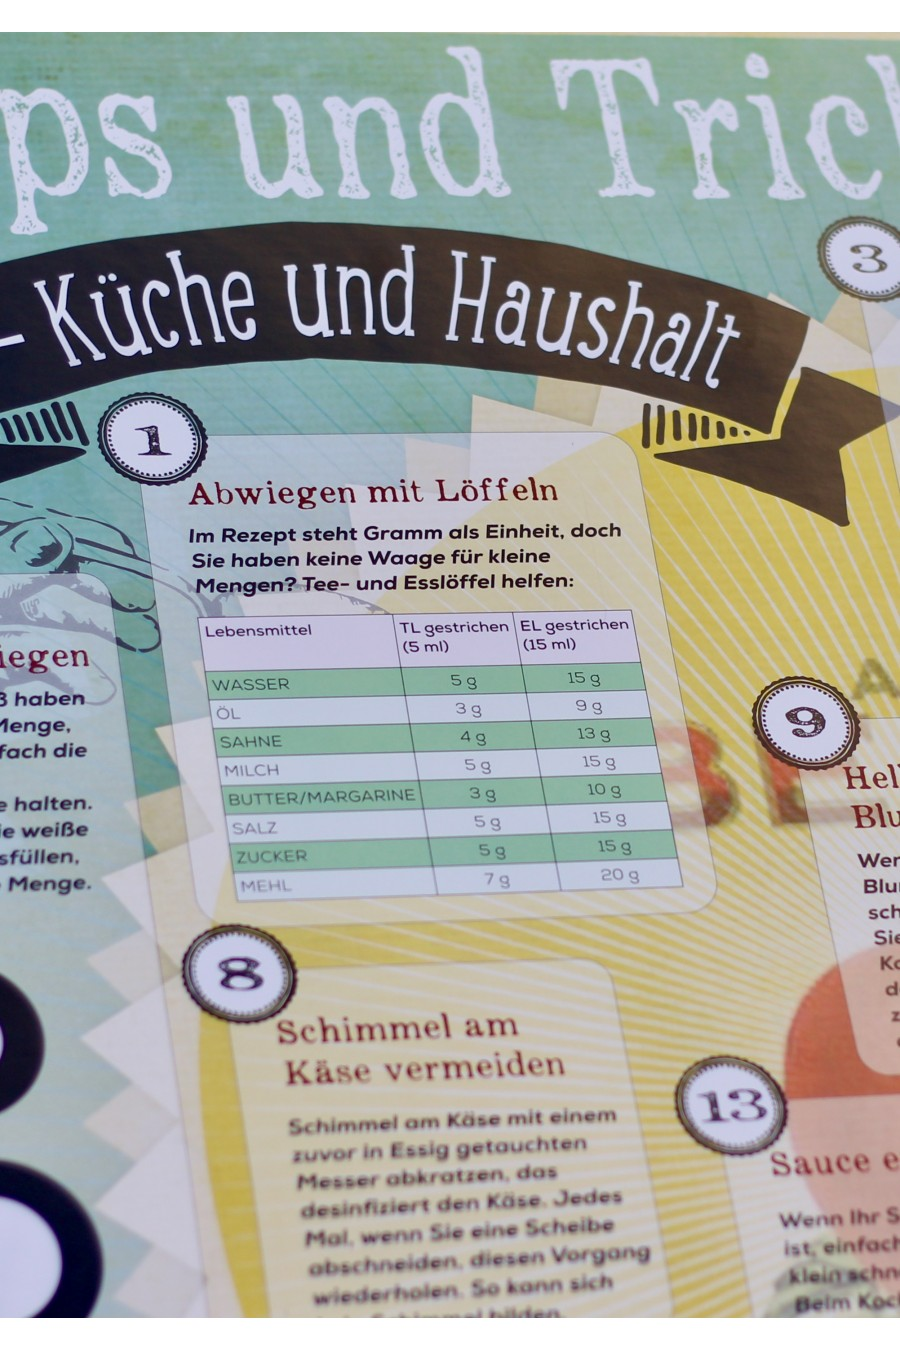 Tipps & Tricks für den Haushalt. Auf einem übersichtlichen Poster.